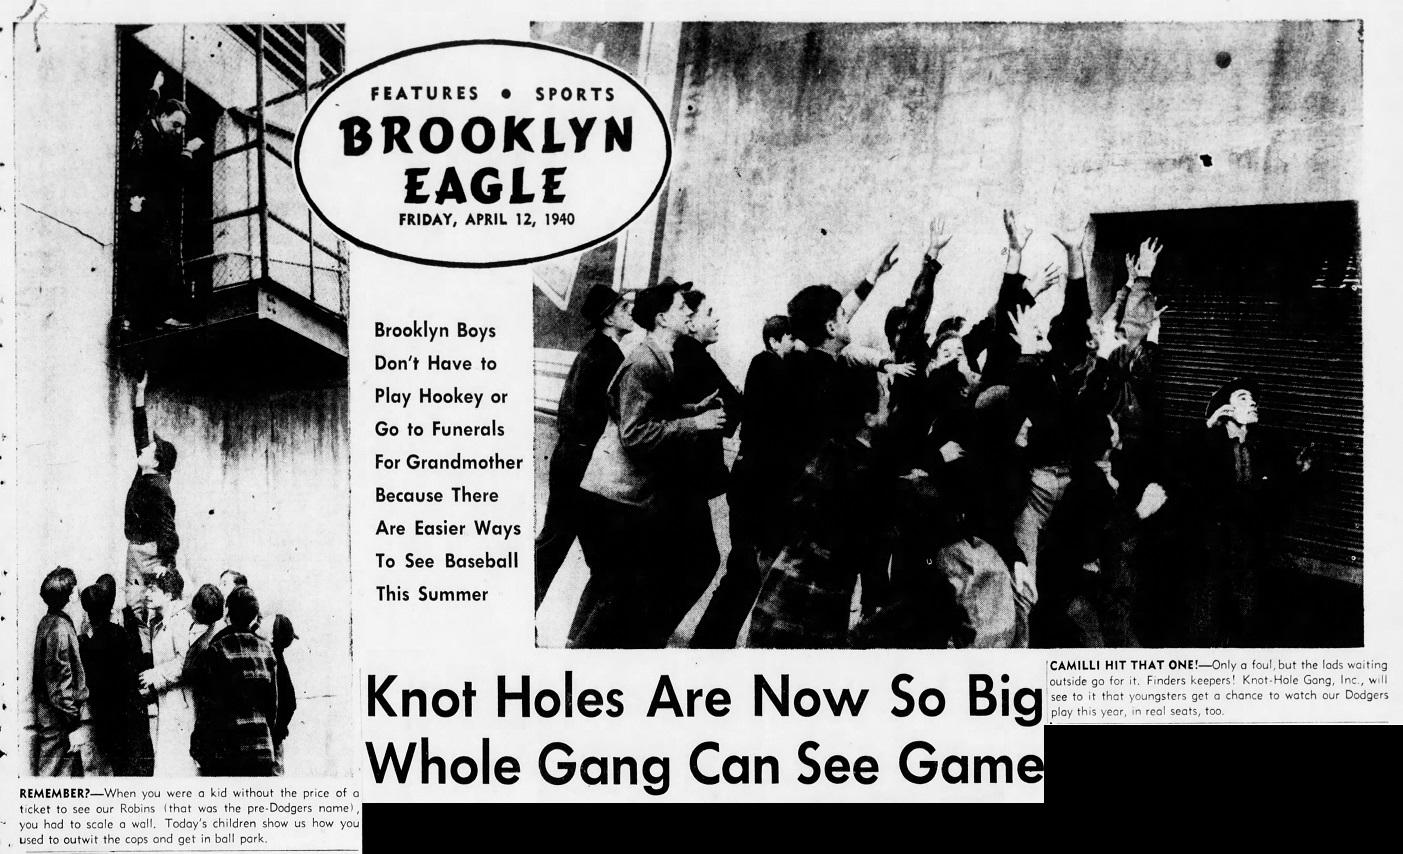 The_Brooklyn_Daily_Eagle_Fri__Apr_12__1940_(4).jpg